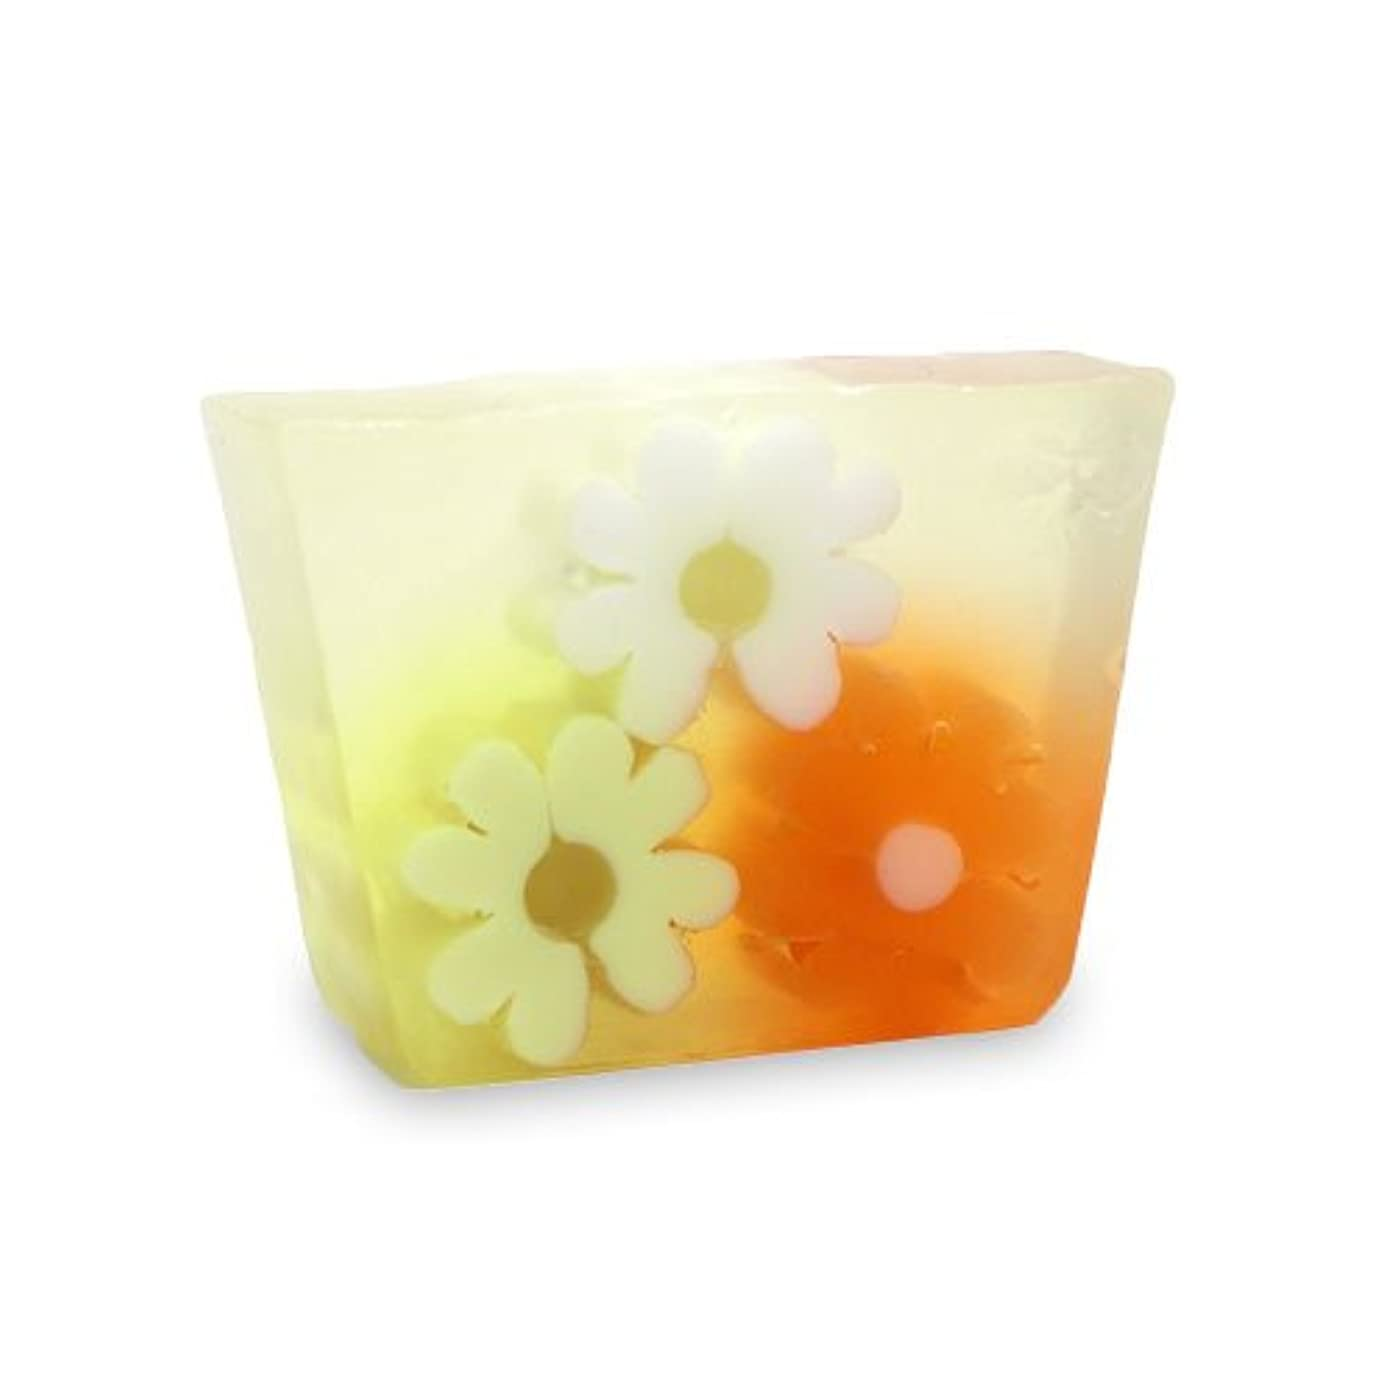 ブランド名排泄する是正プライモールエレメンツ アロマティック ミニソープ オレンジフラワーショップ 80g 植物性 ナチュラル 石鹸 無添加